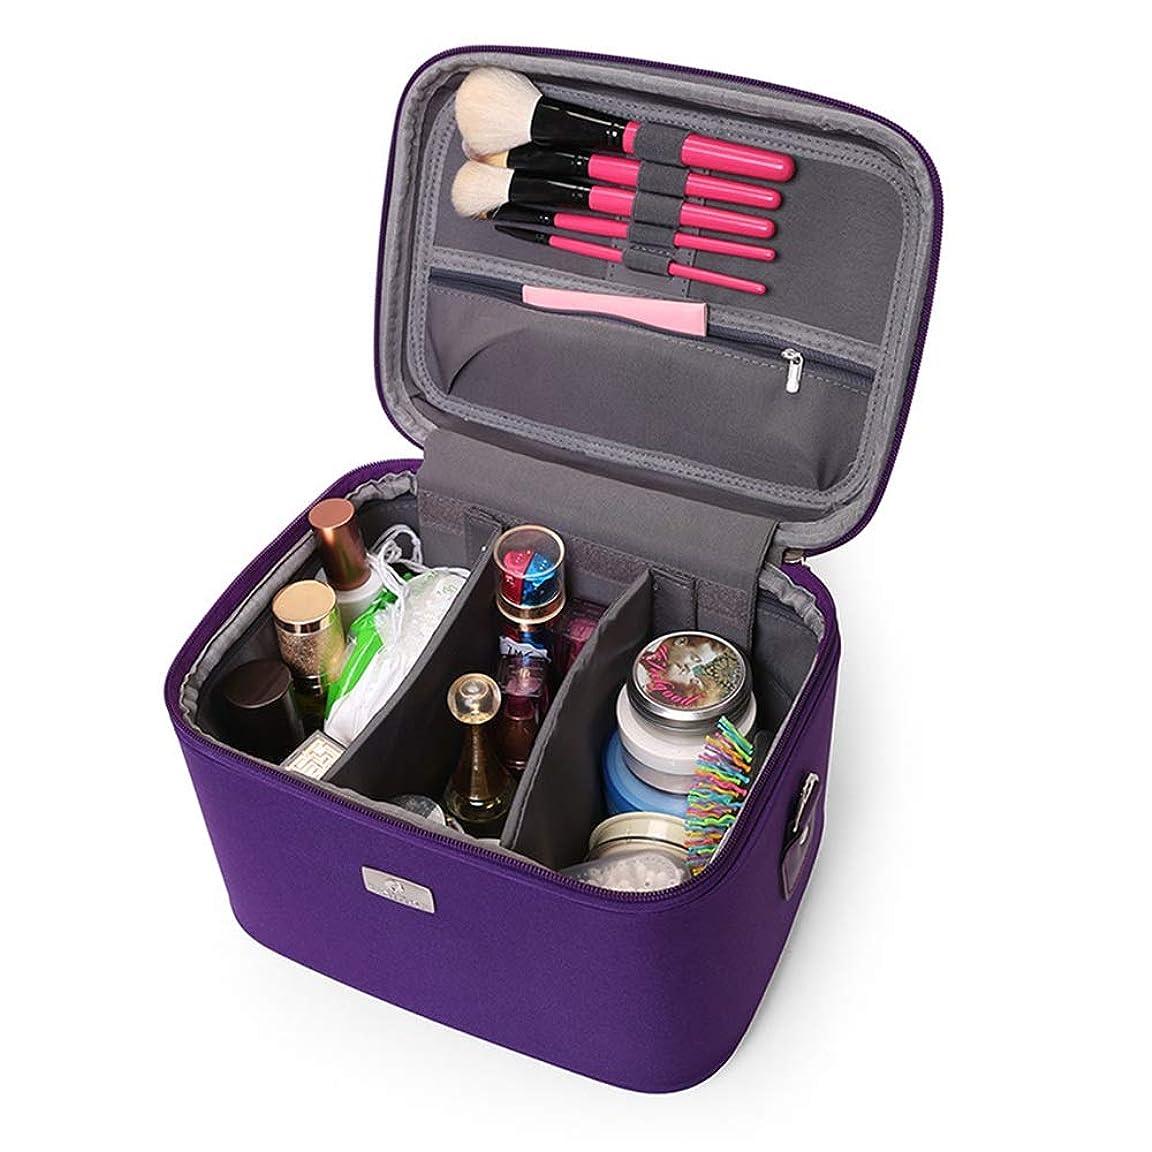 背の高い発明するアンプ化粧オーガナイザーバッグ 14インチのメイクアップトラベルバッグPUレター防水化粧ケースのティーン女の子の女性アーティスト 化粧品ケース (色 : 紫の)